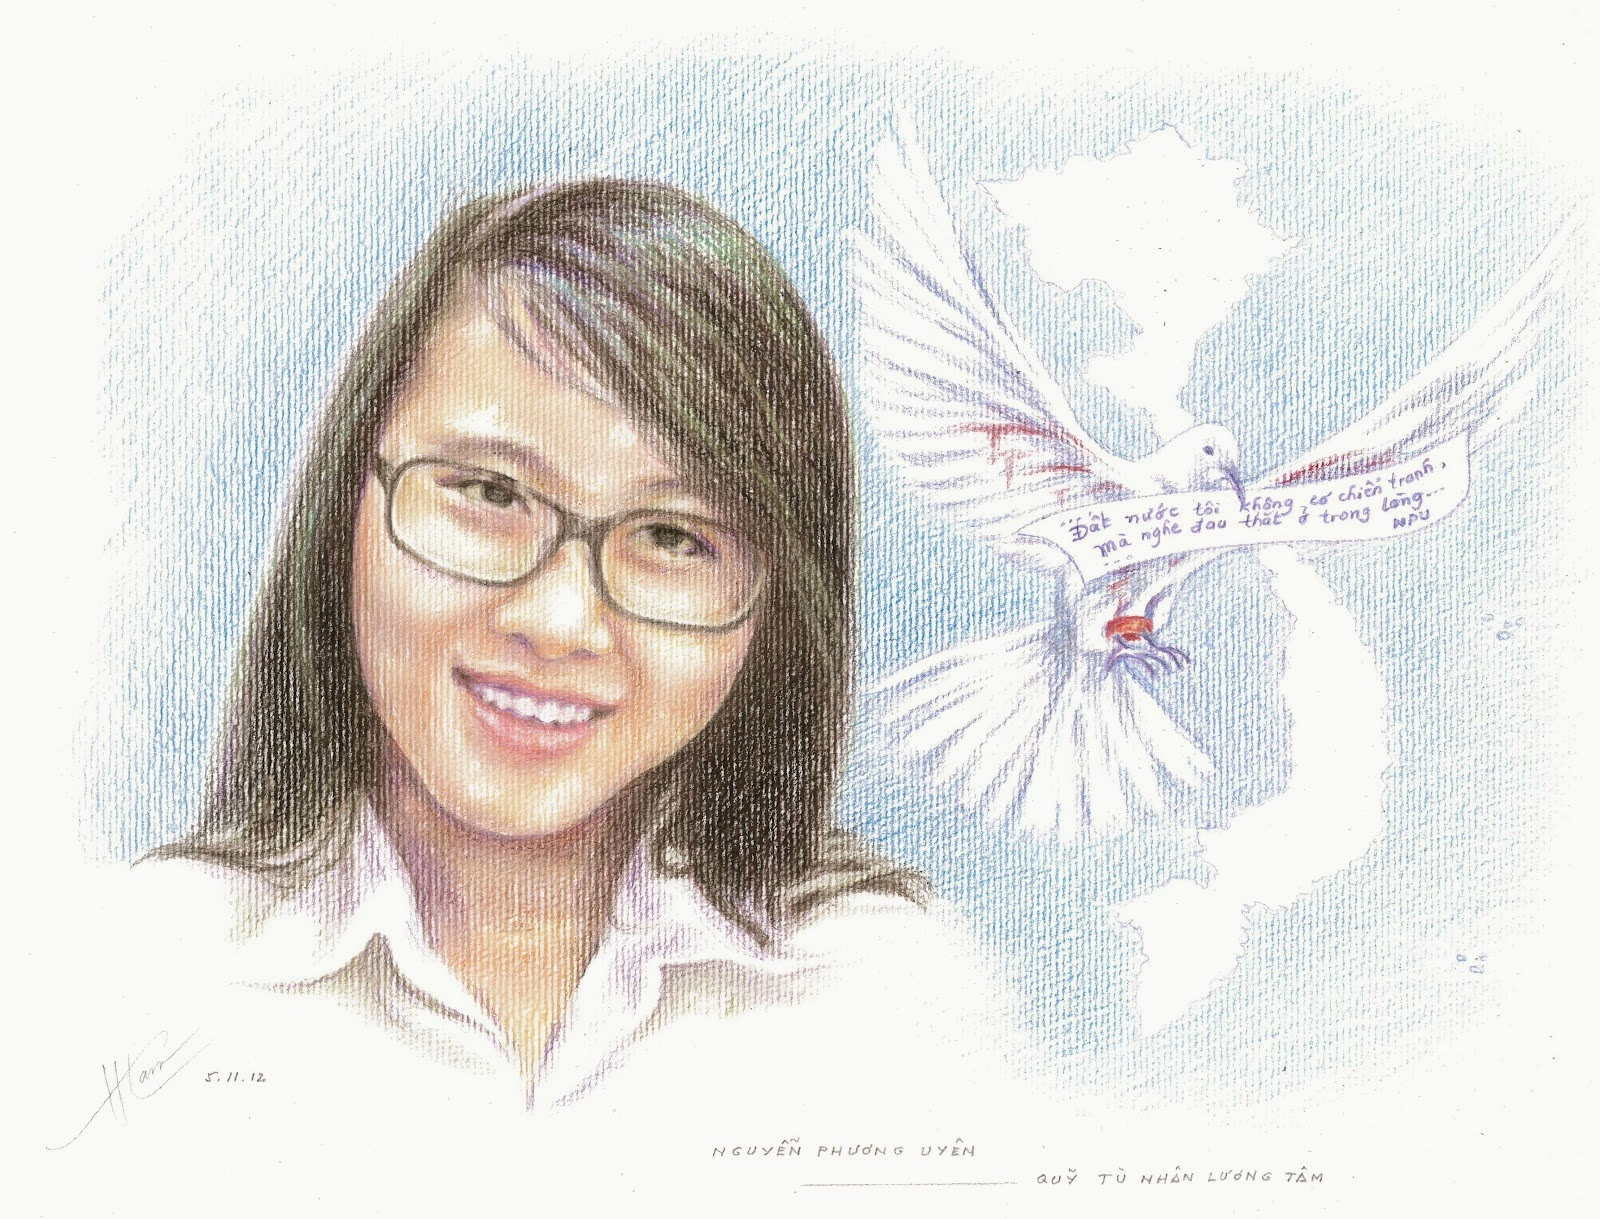 Sinh Viên Nguyễn Phương Uyên